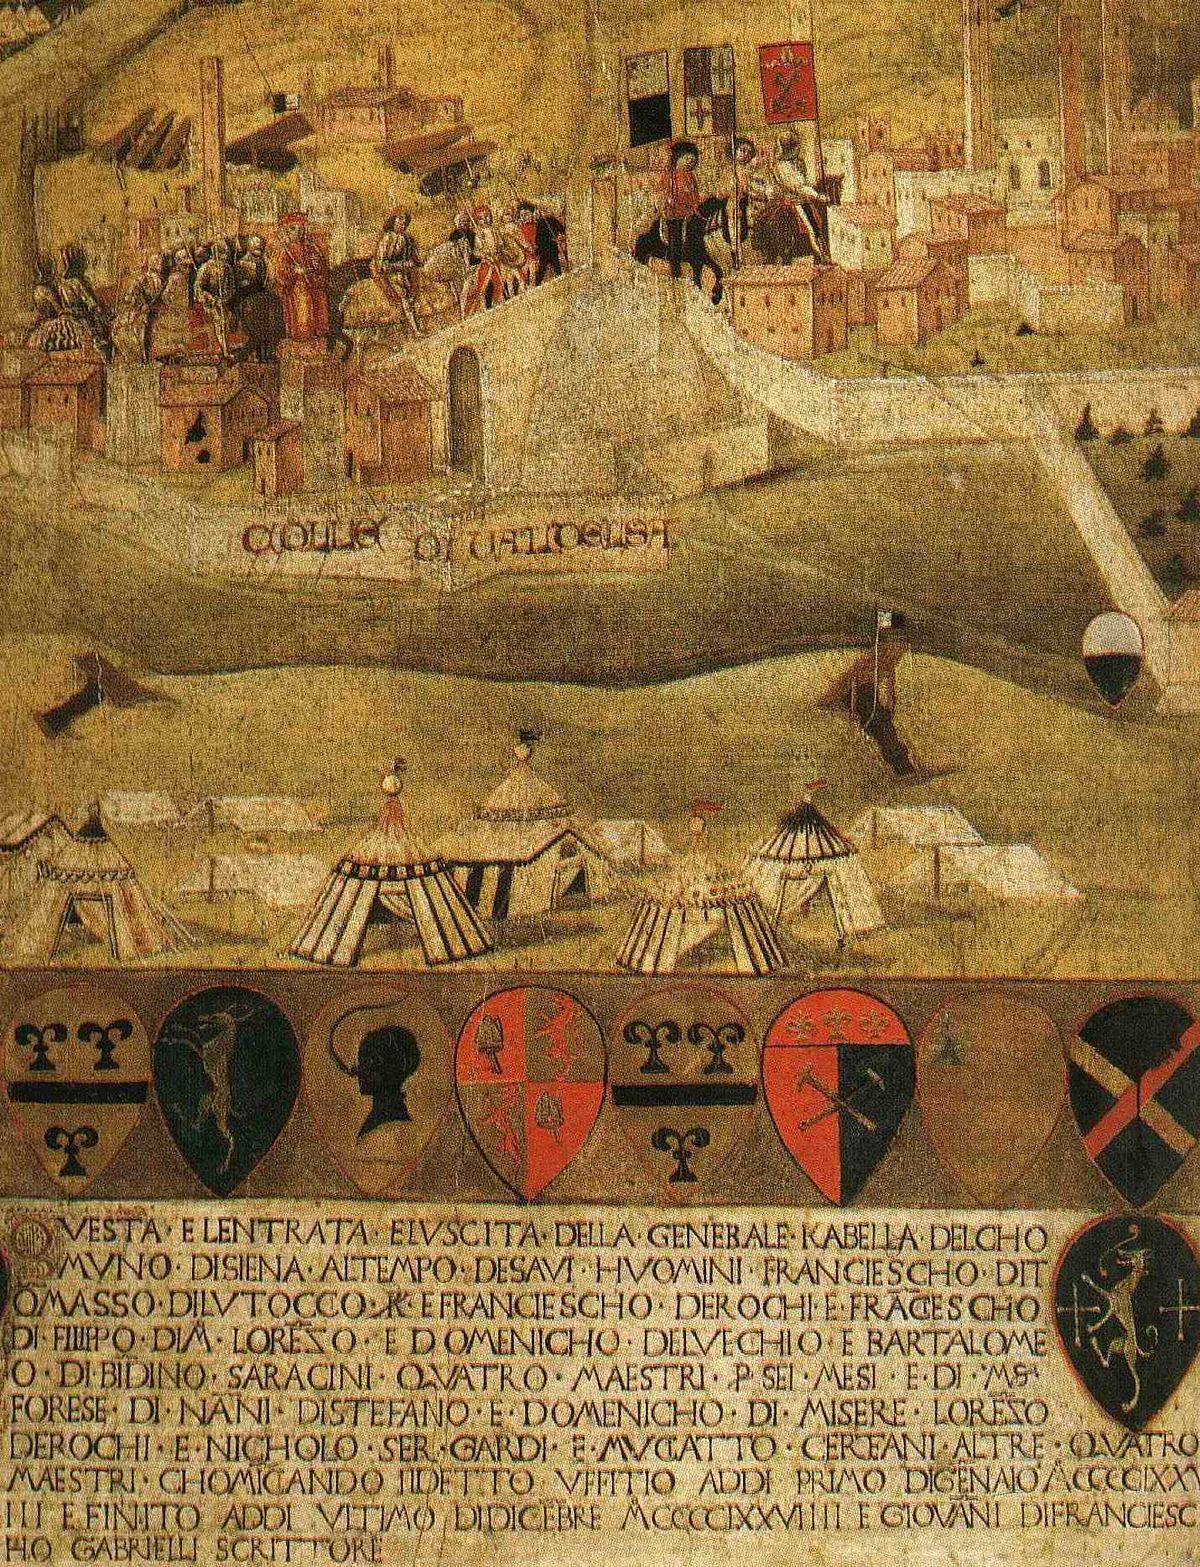 Assedio di colle val d 39 elsa wikipedia for Gr2 arredamenti colle val d elsa